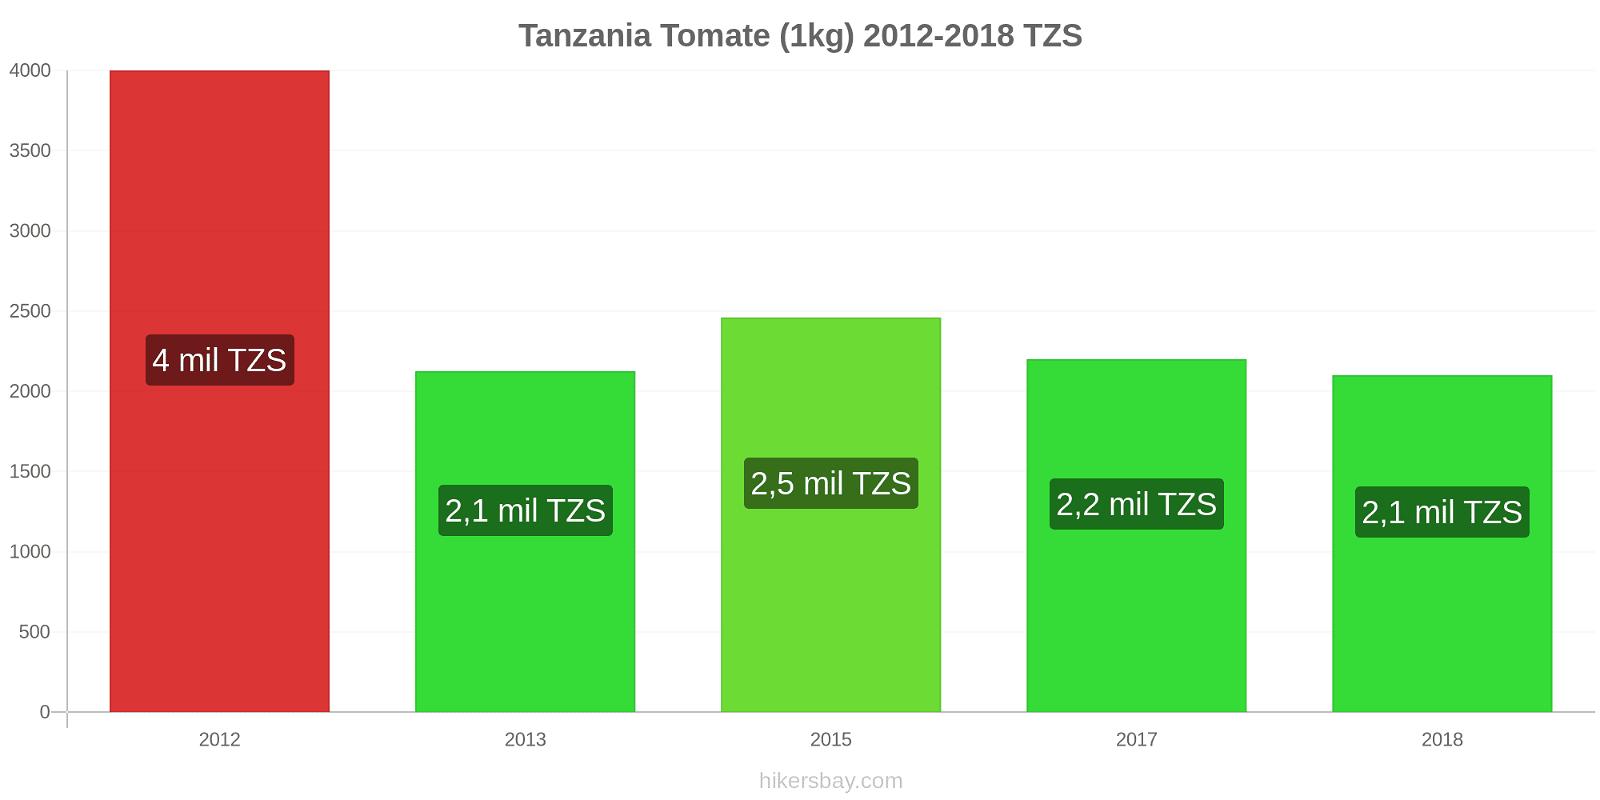 Tanzania cambios de precios Tomate (1kg) hikersbay.com